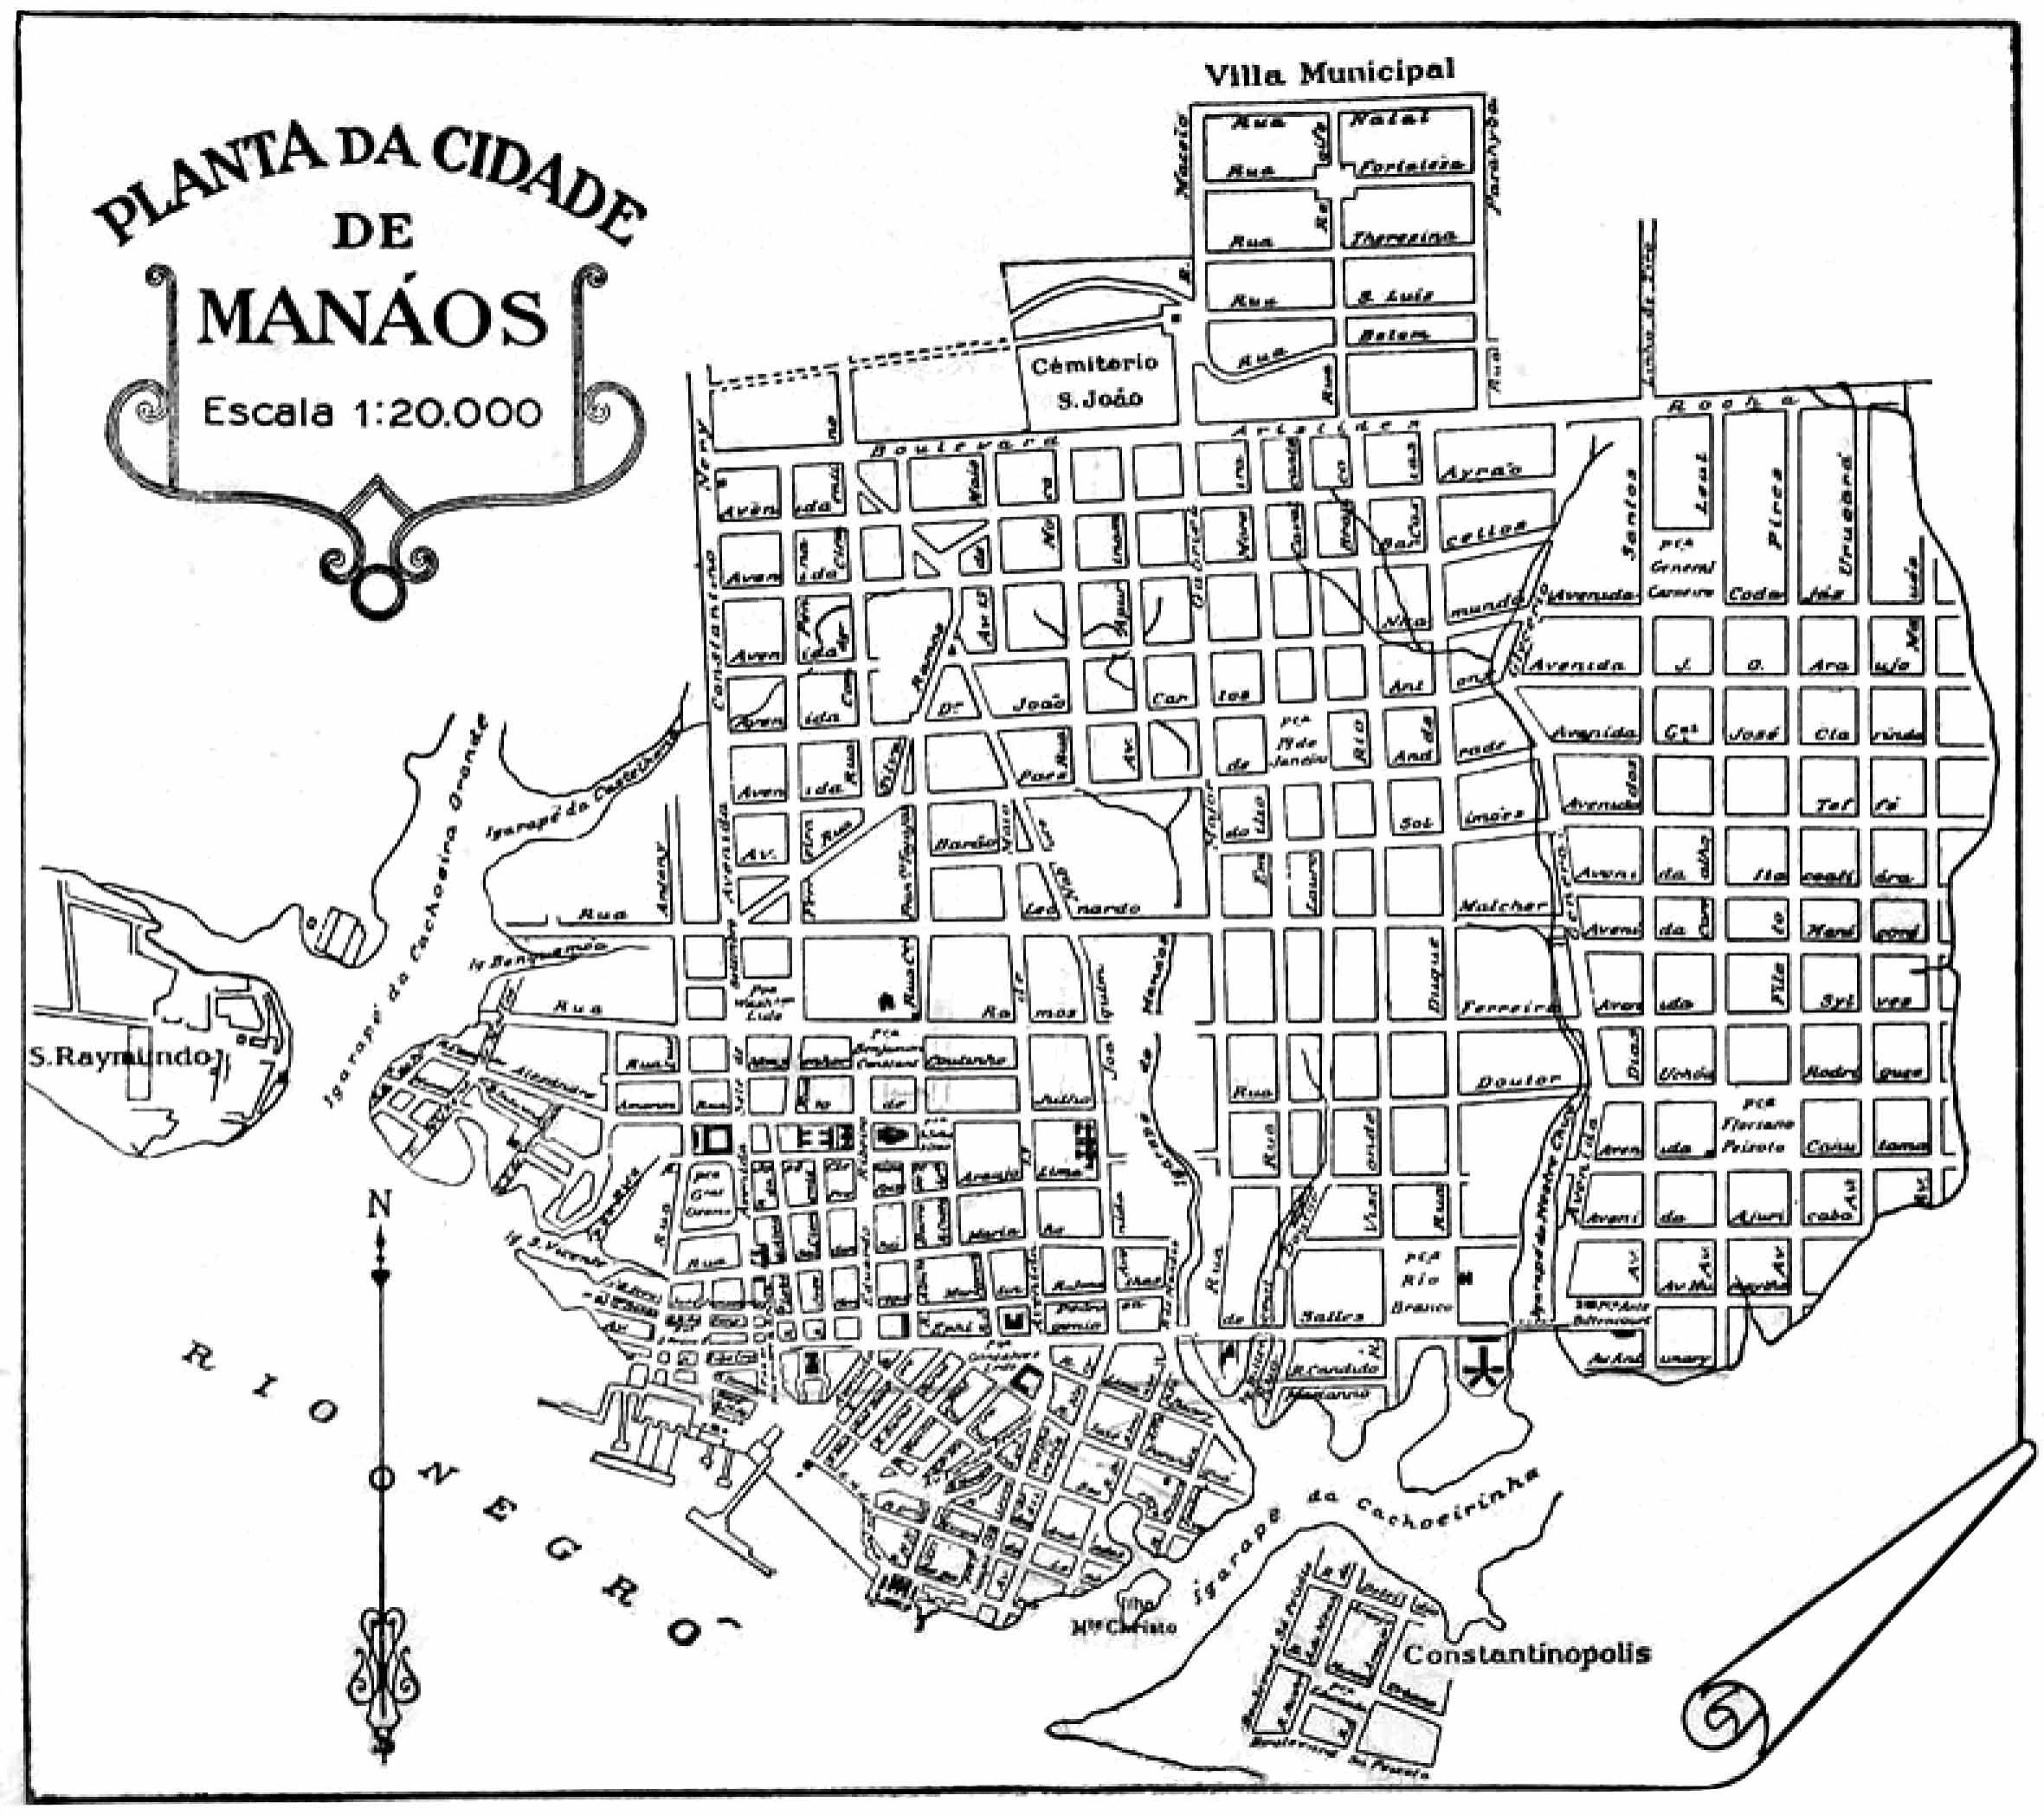 Planta da Cidade de Manáos de 1938